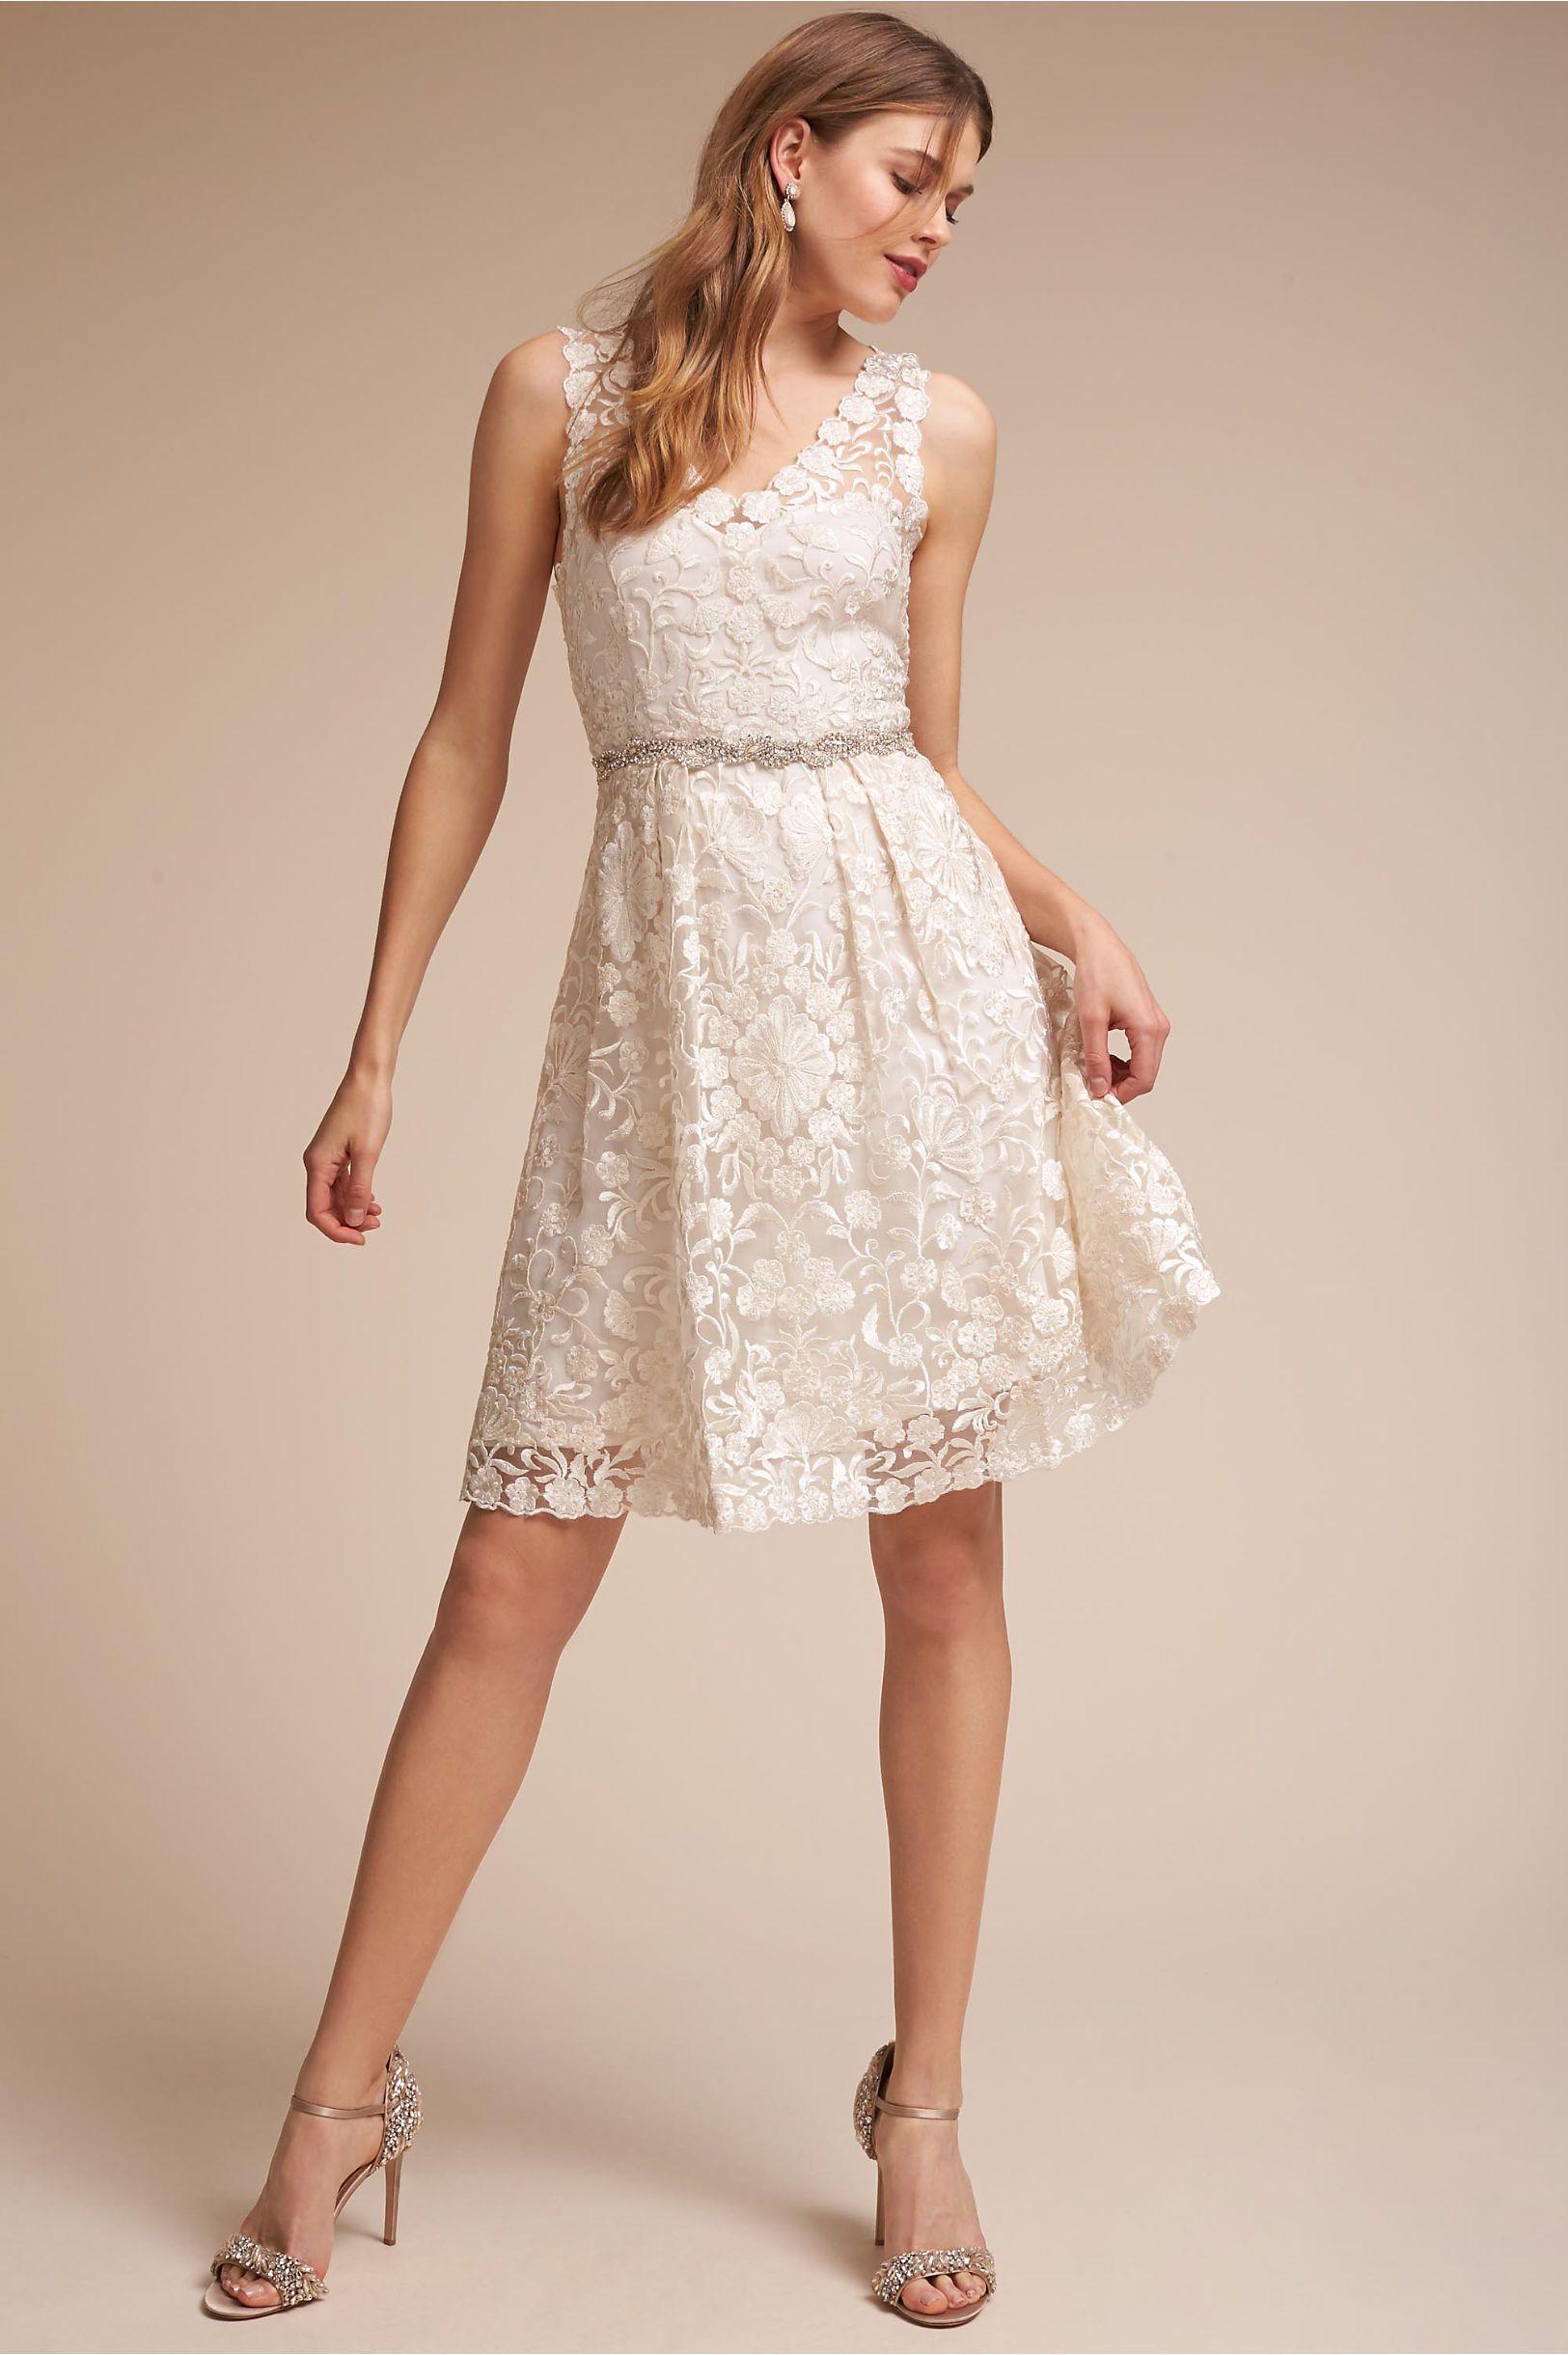 cali dress | kurzes hochzeitskleid, cocktailkleid, kleider